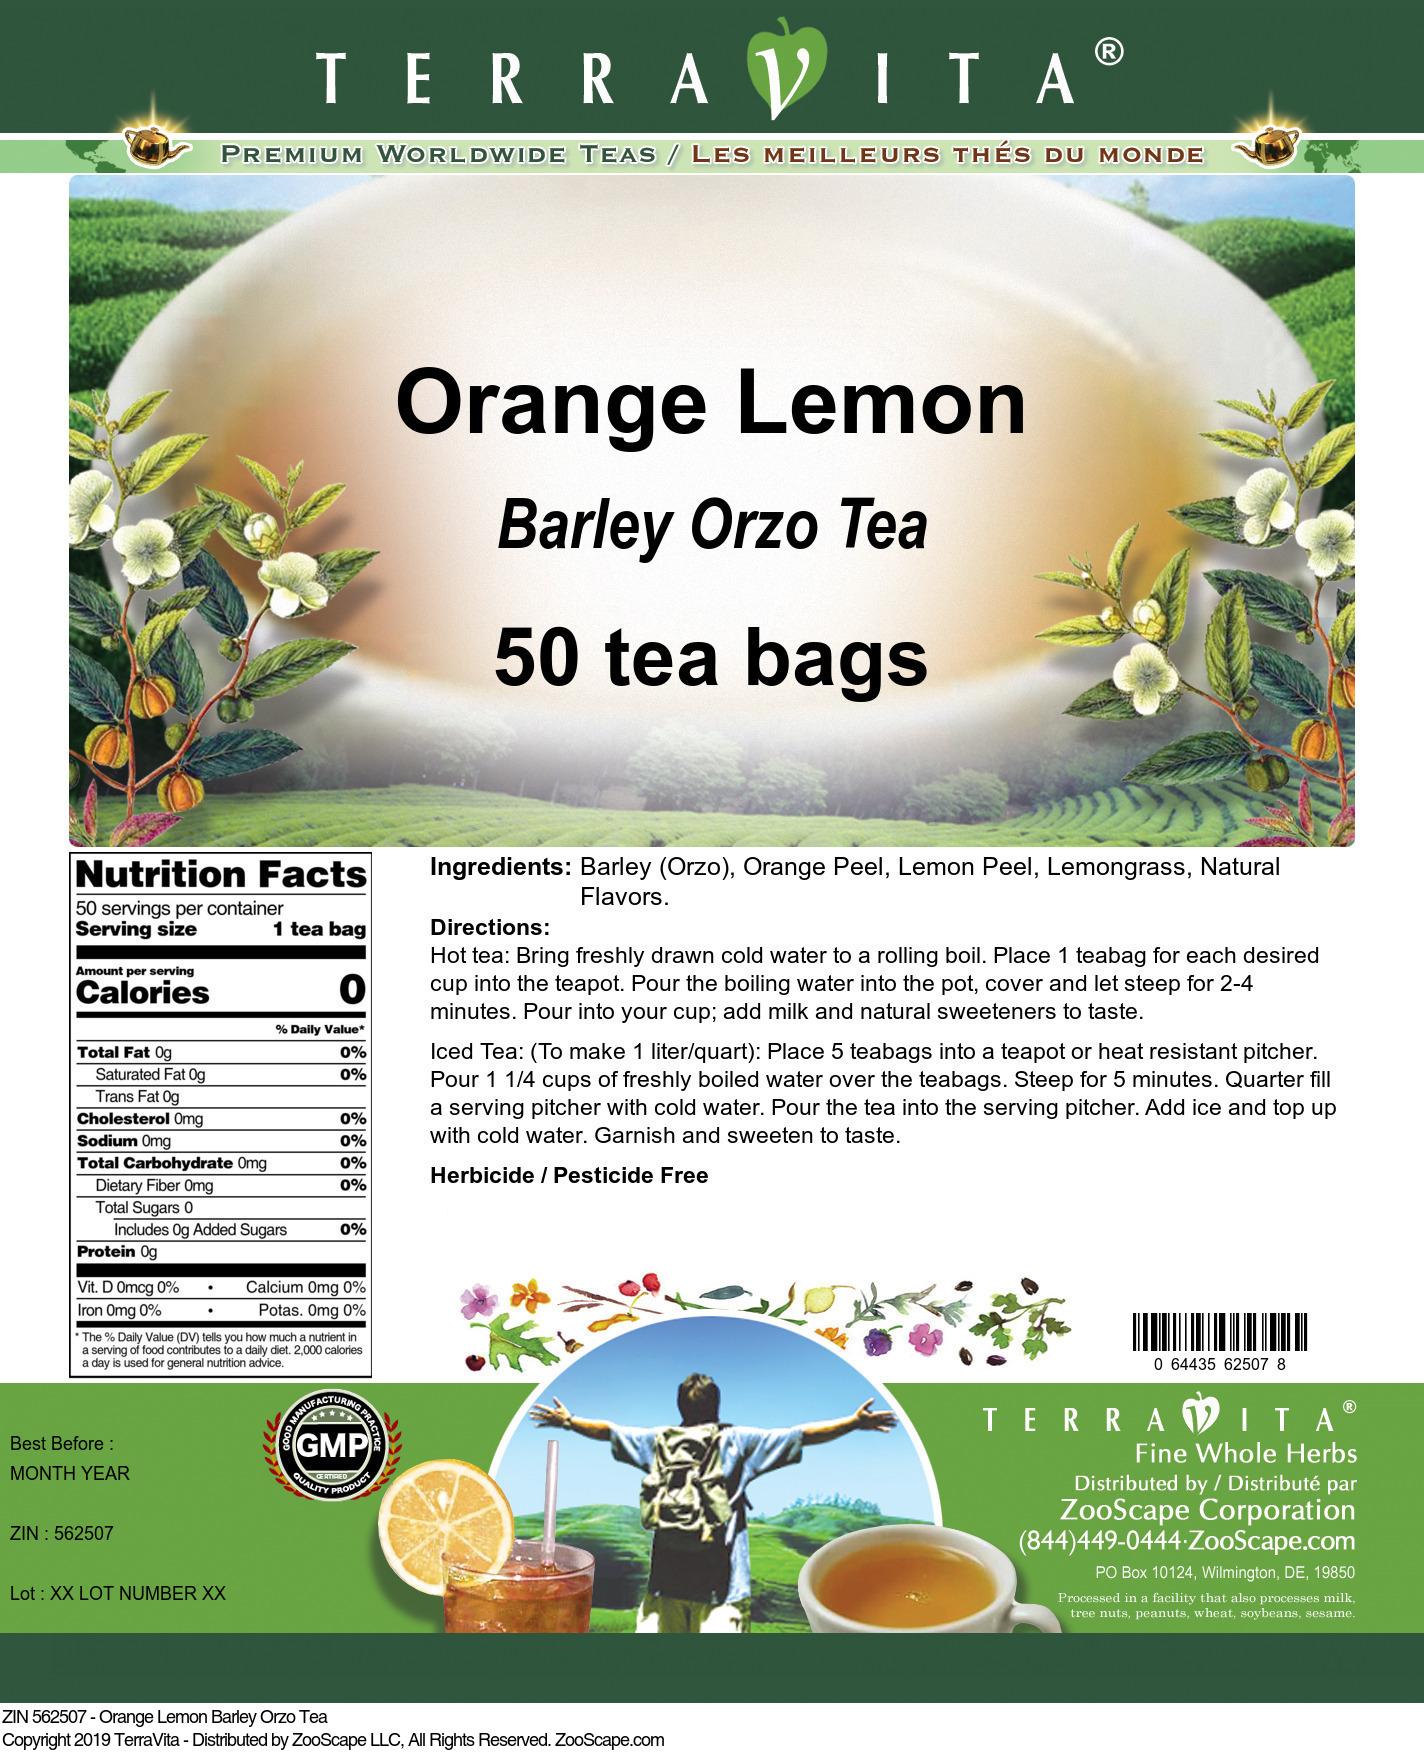 Orange Lemon Barley Orzo